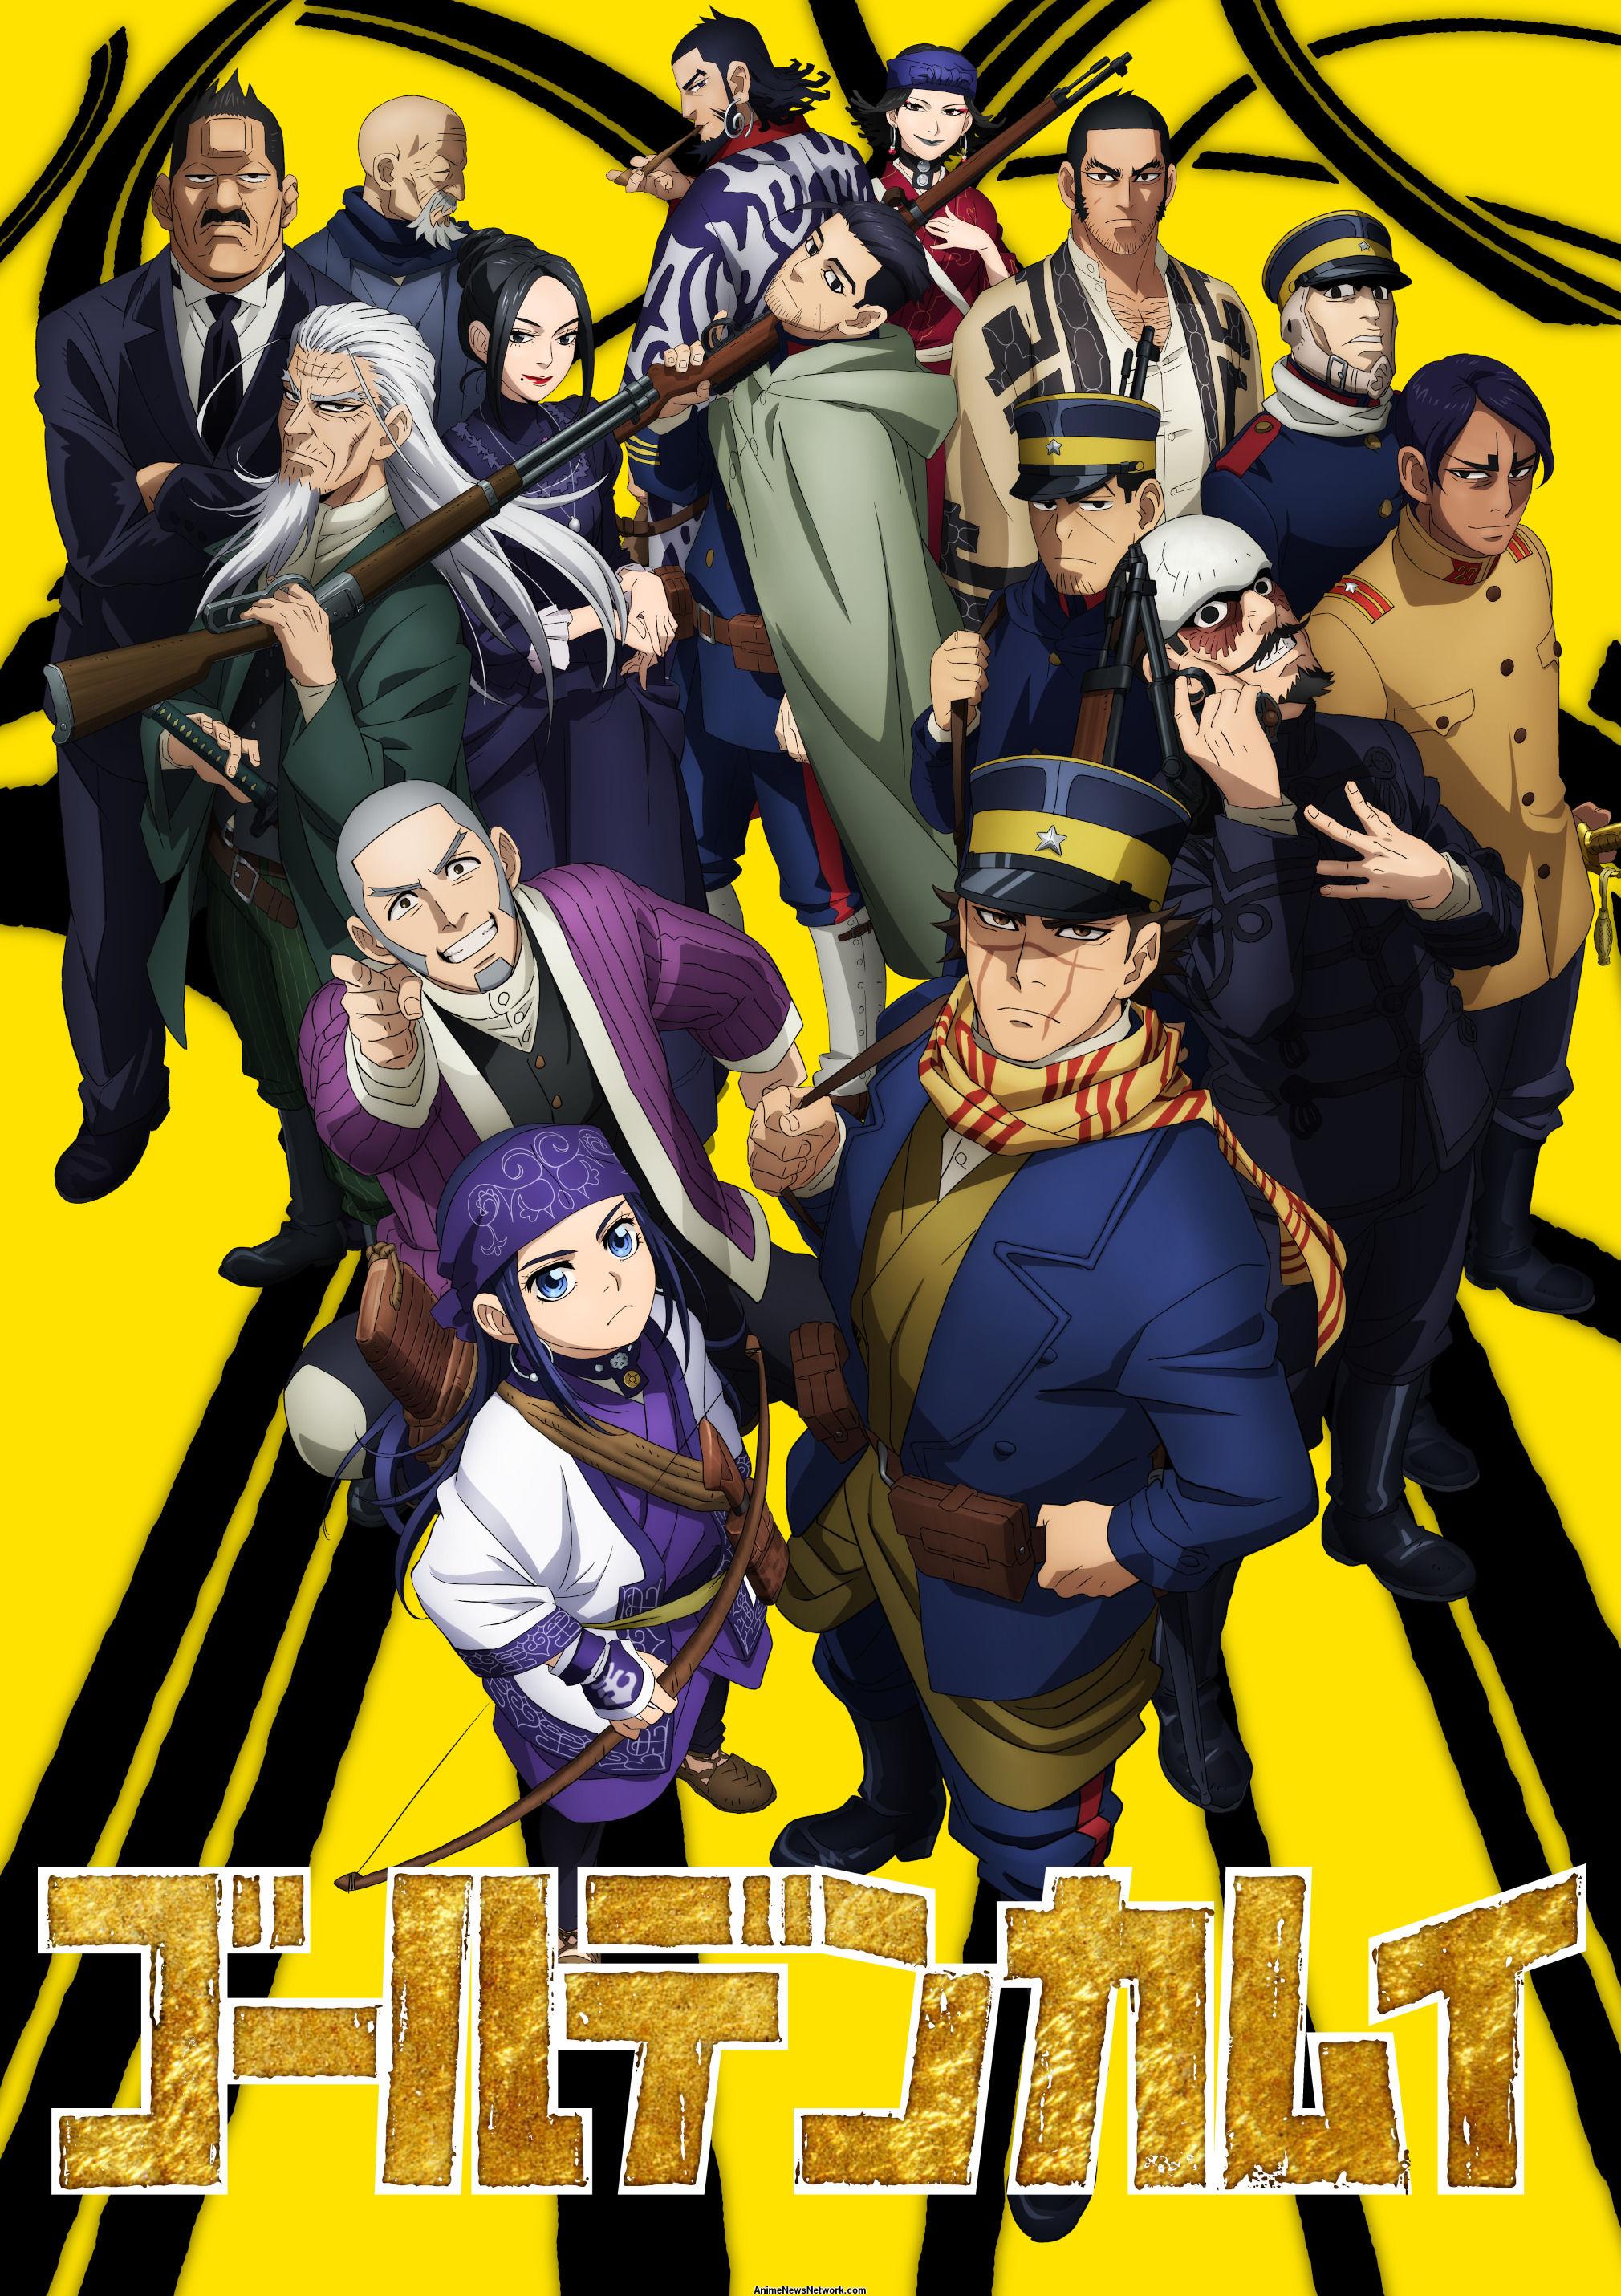 Anime Spotlight - Golden Kamuy 2 - Anime News Network